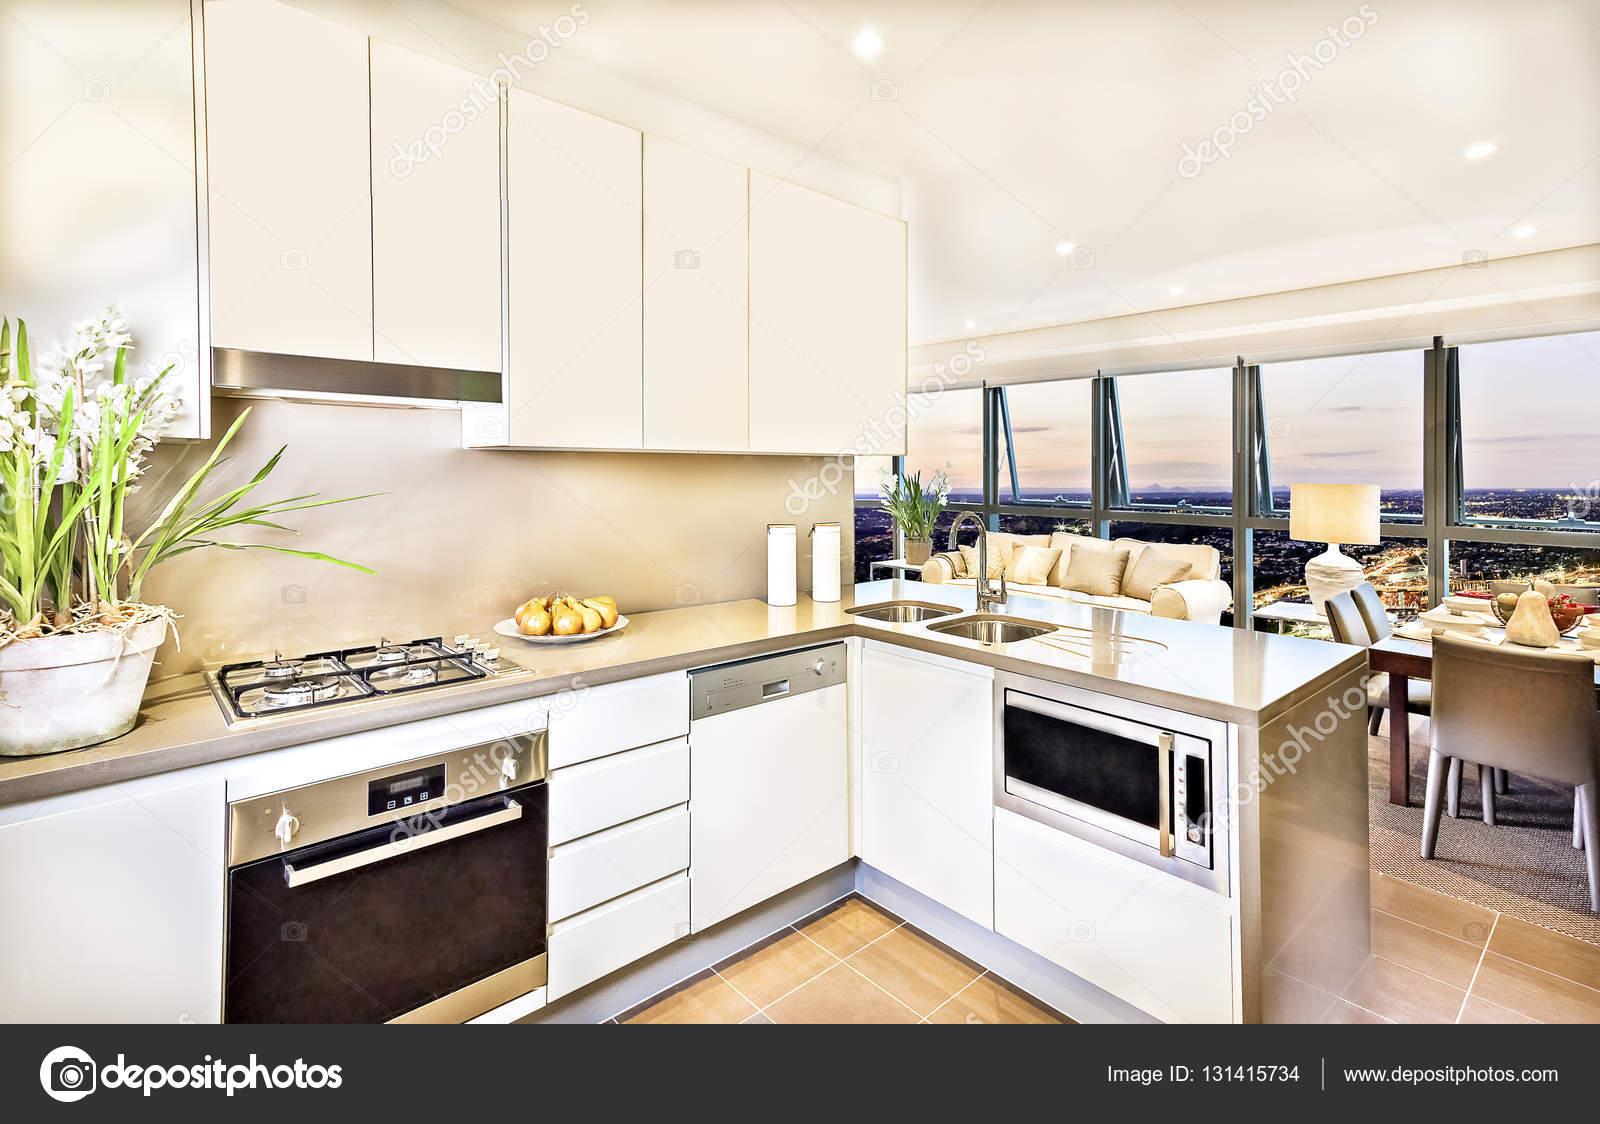 Modernt kök interiör med vardagsrum pÃ¥ kvällen — stockfotografi ...